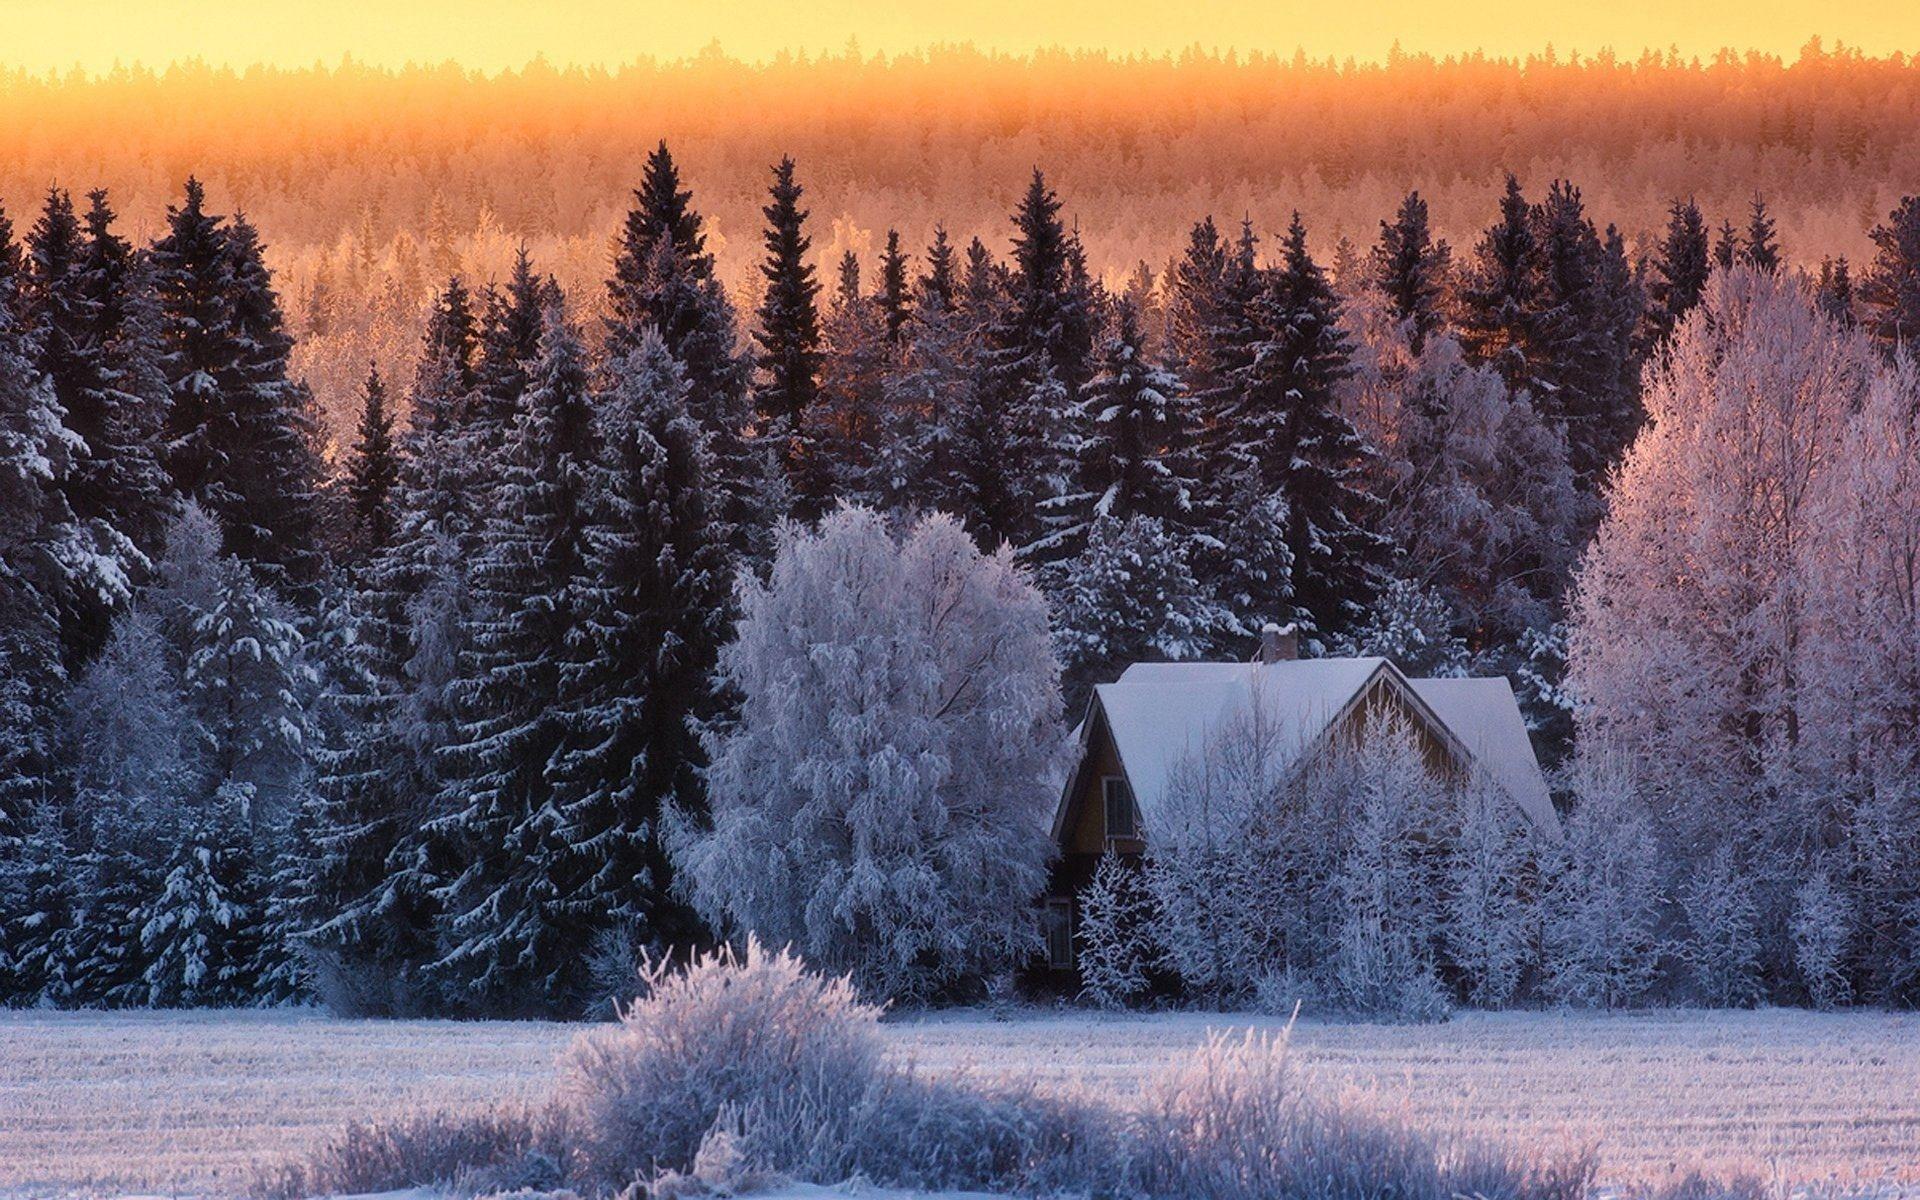 Выходные, красивый зимний пейзаж картинки в лесу